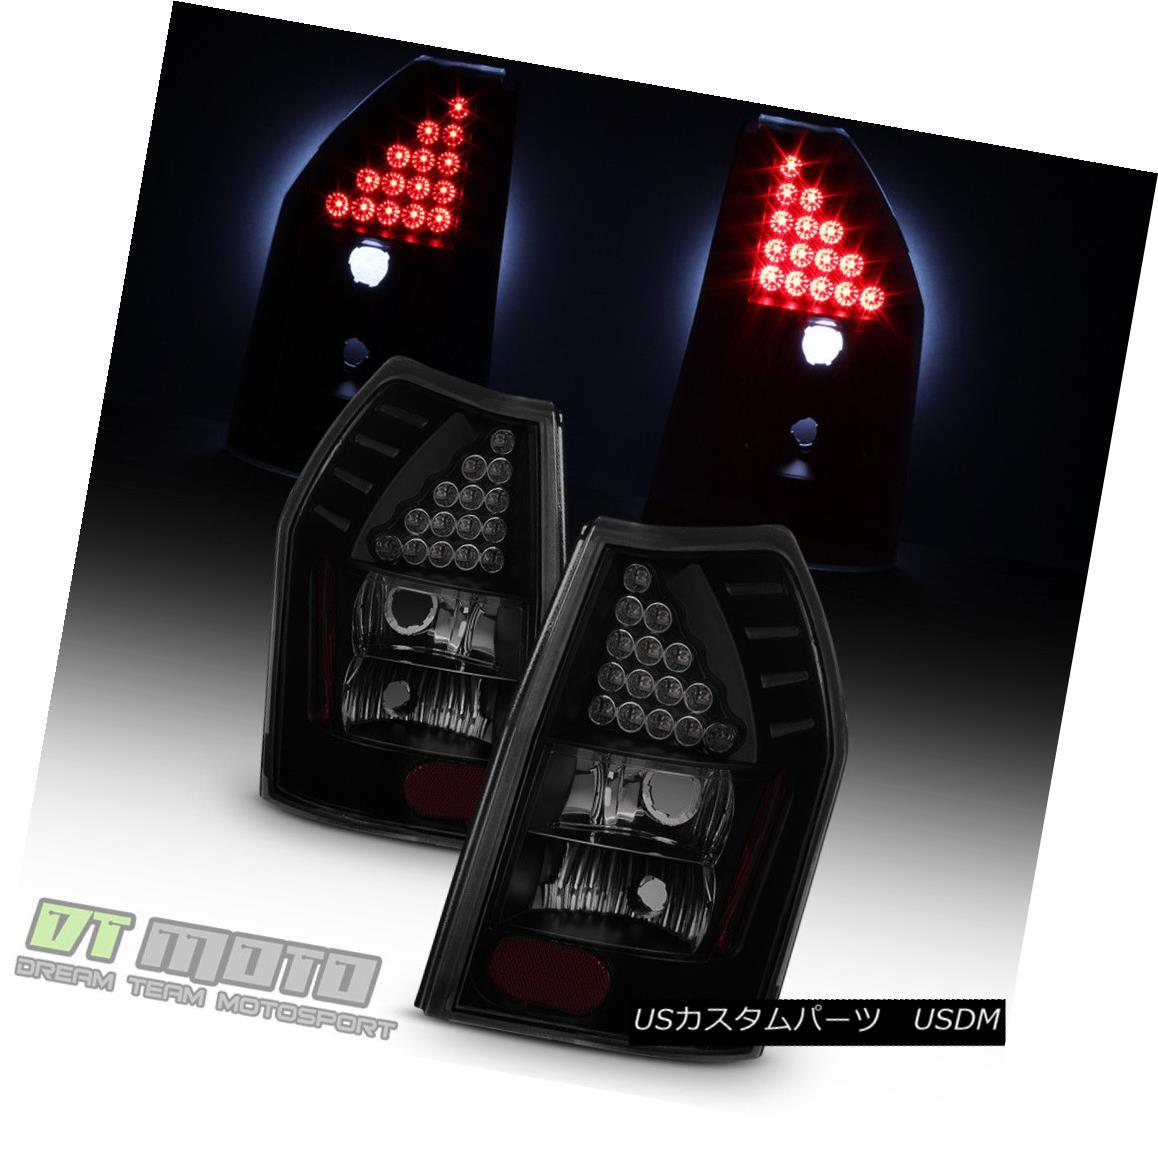 テールライト Black Smoked 2005-2008 Dodge Magnum LED Tail Lights Brake Lamps 05-08 Left+Right ブラックスモーク2005-2008ドッジマグナムLEDテールライトブレーキランプ05-08左+右